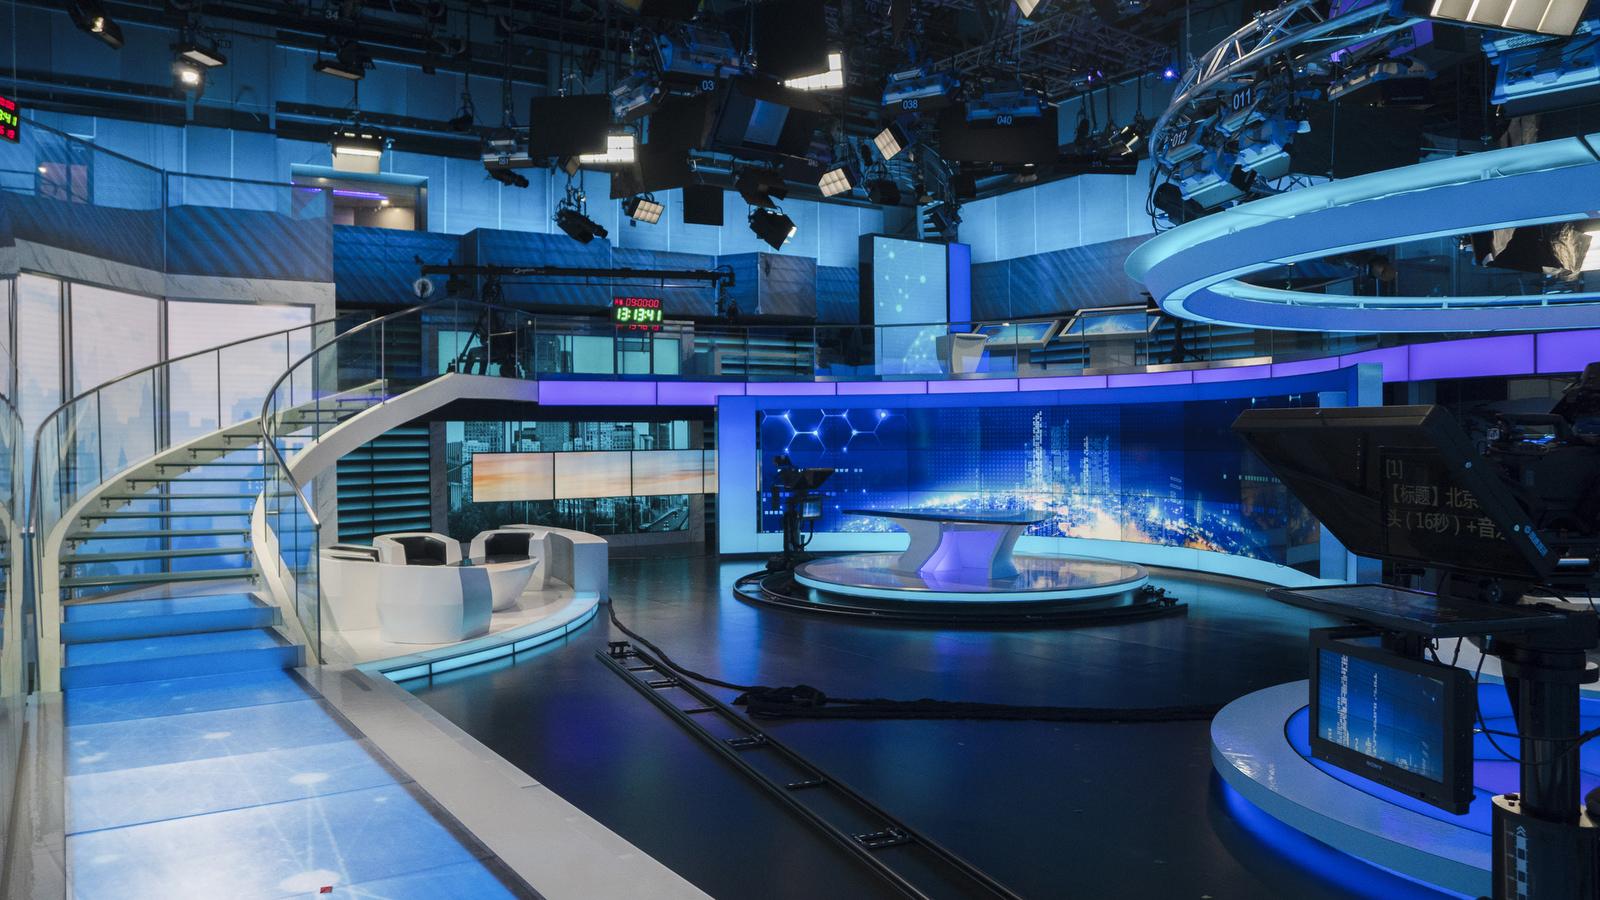 NCS_Beijing-Media-Group-BTV-studio_081